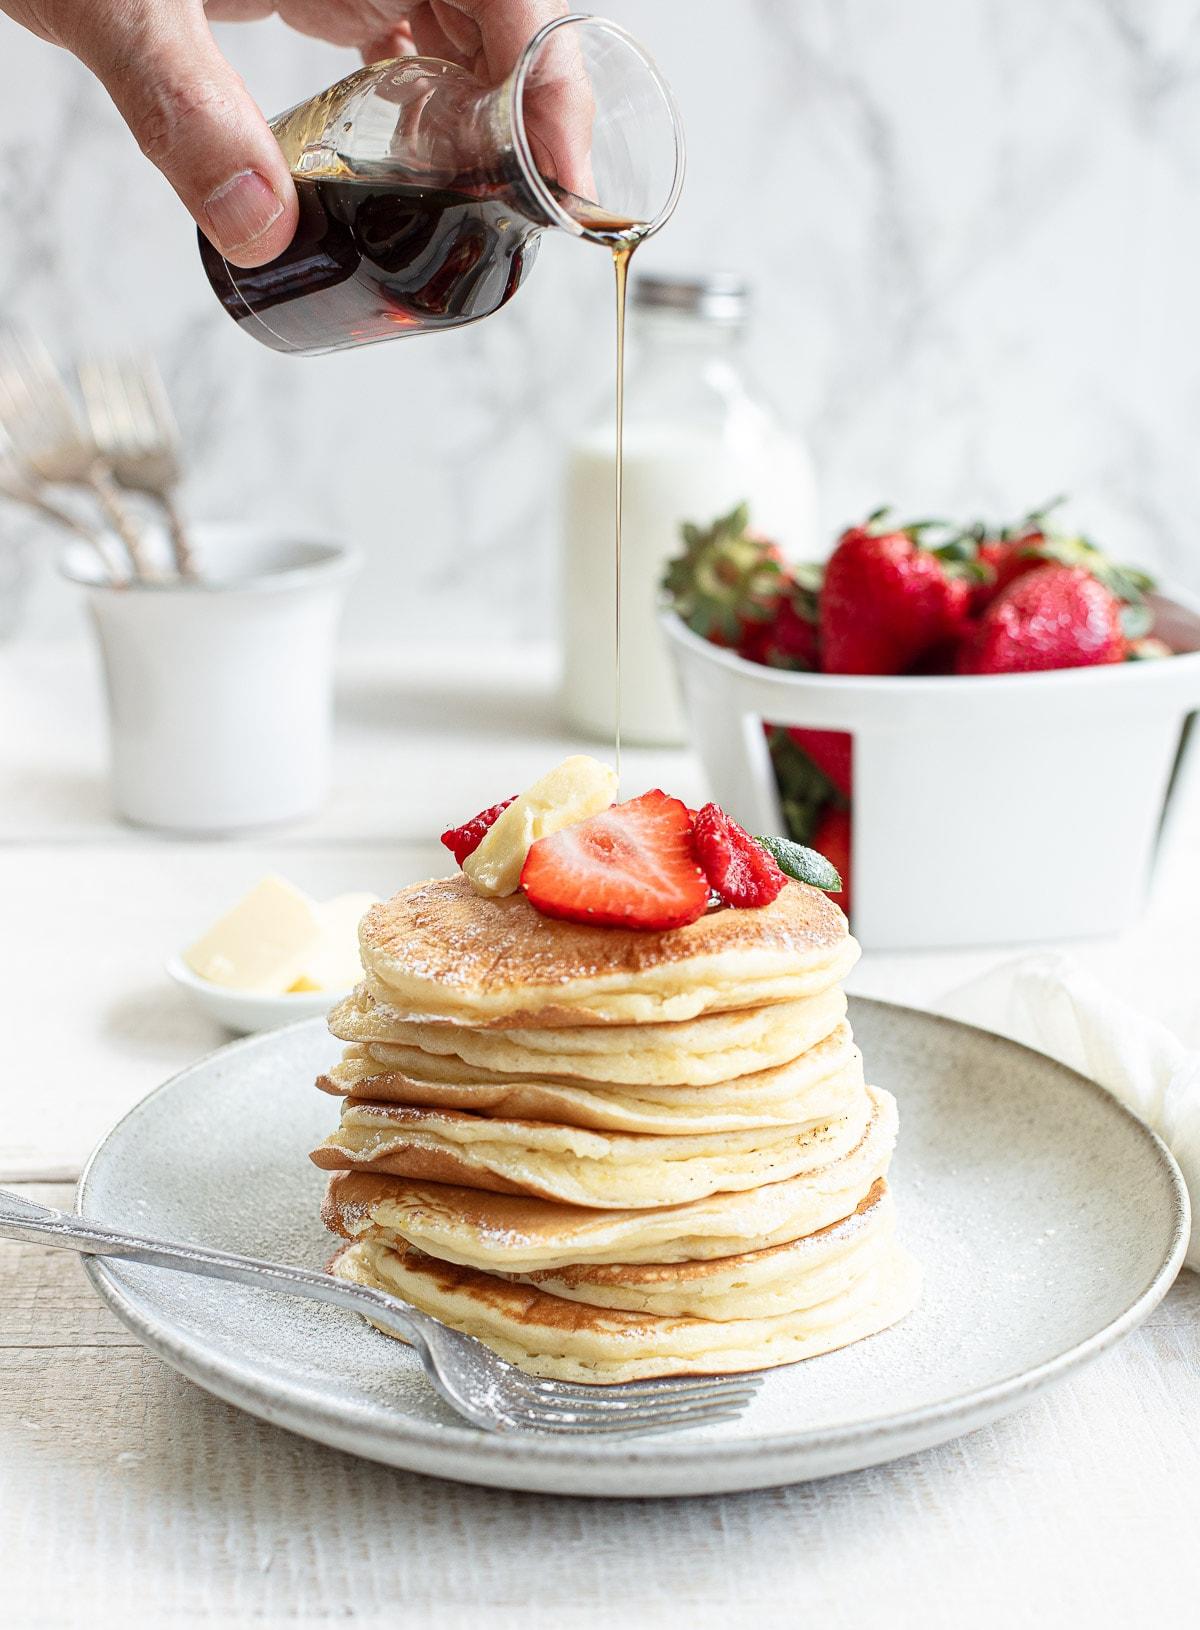 Best Ever Fluffy Buttermilk Pancakes